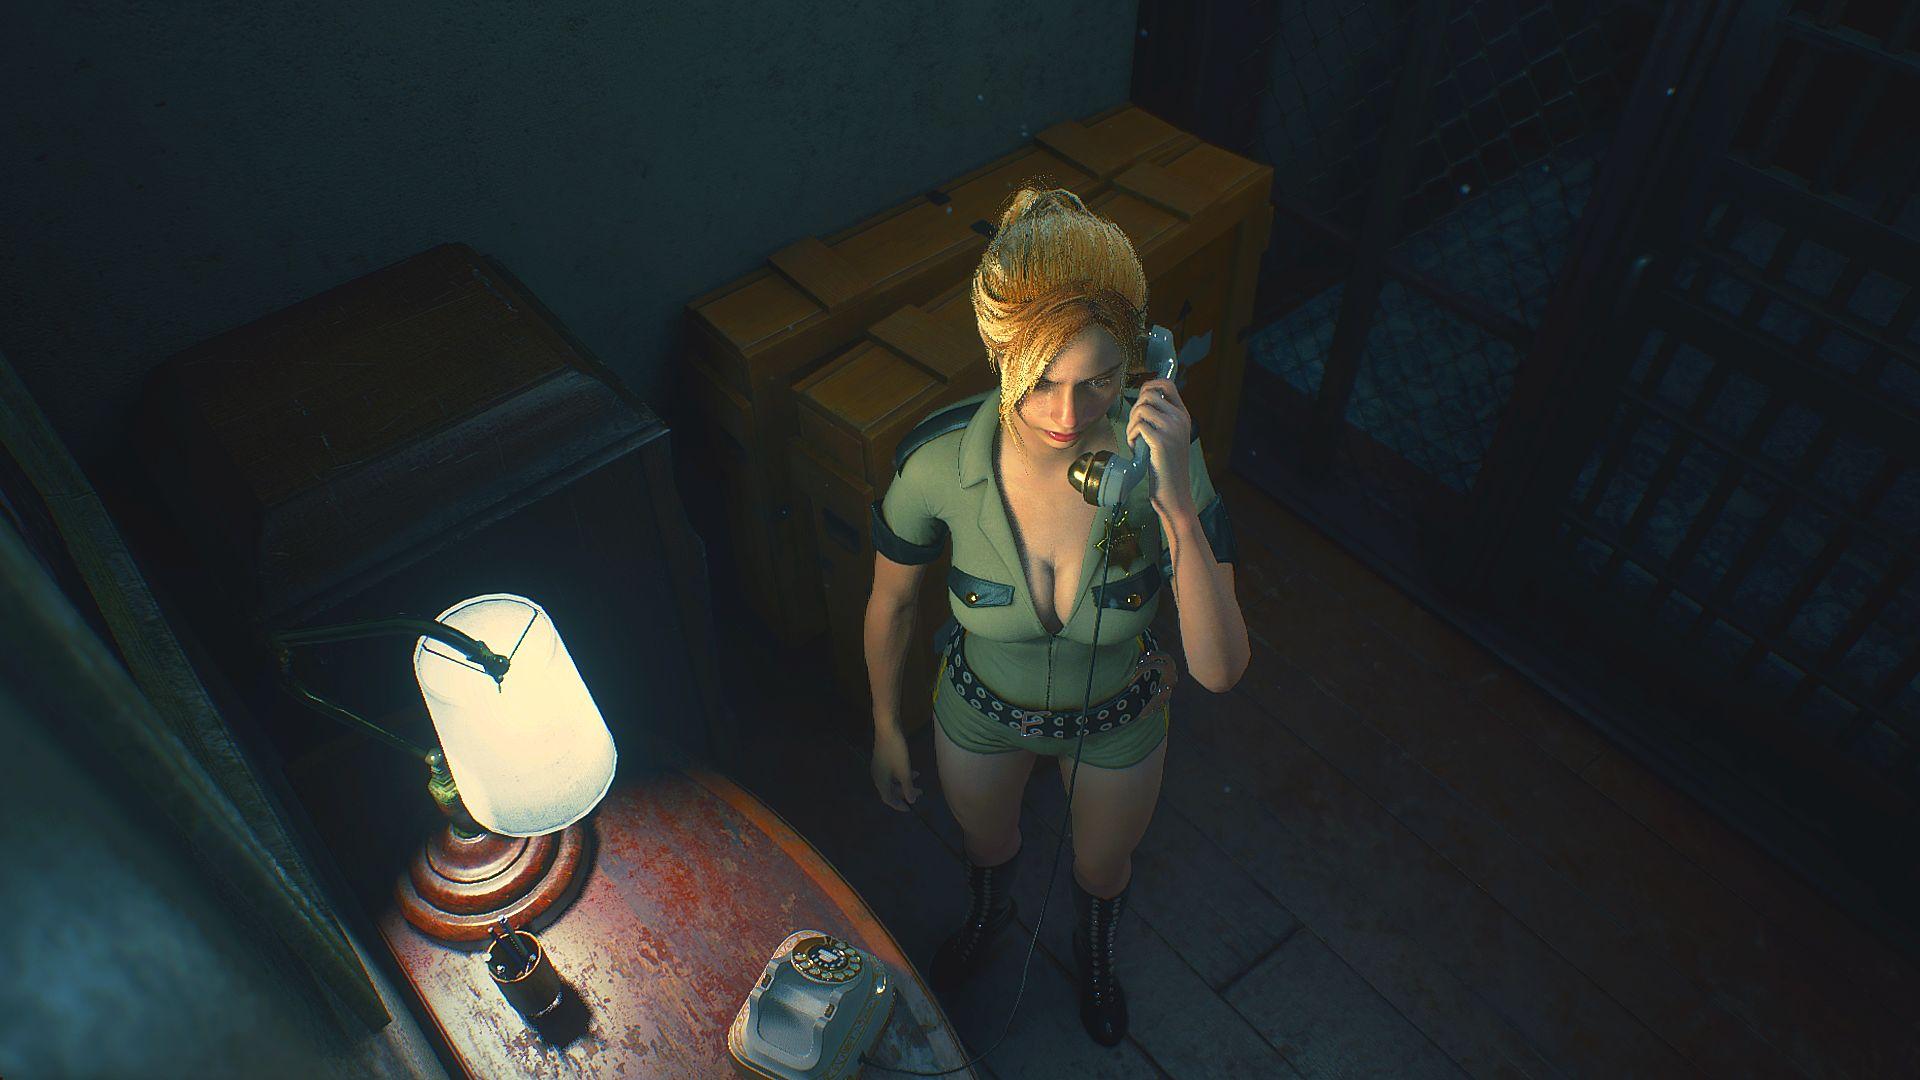 001231.Jpg - Resident Evil 2